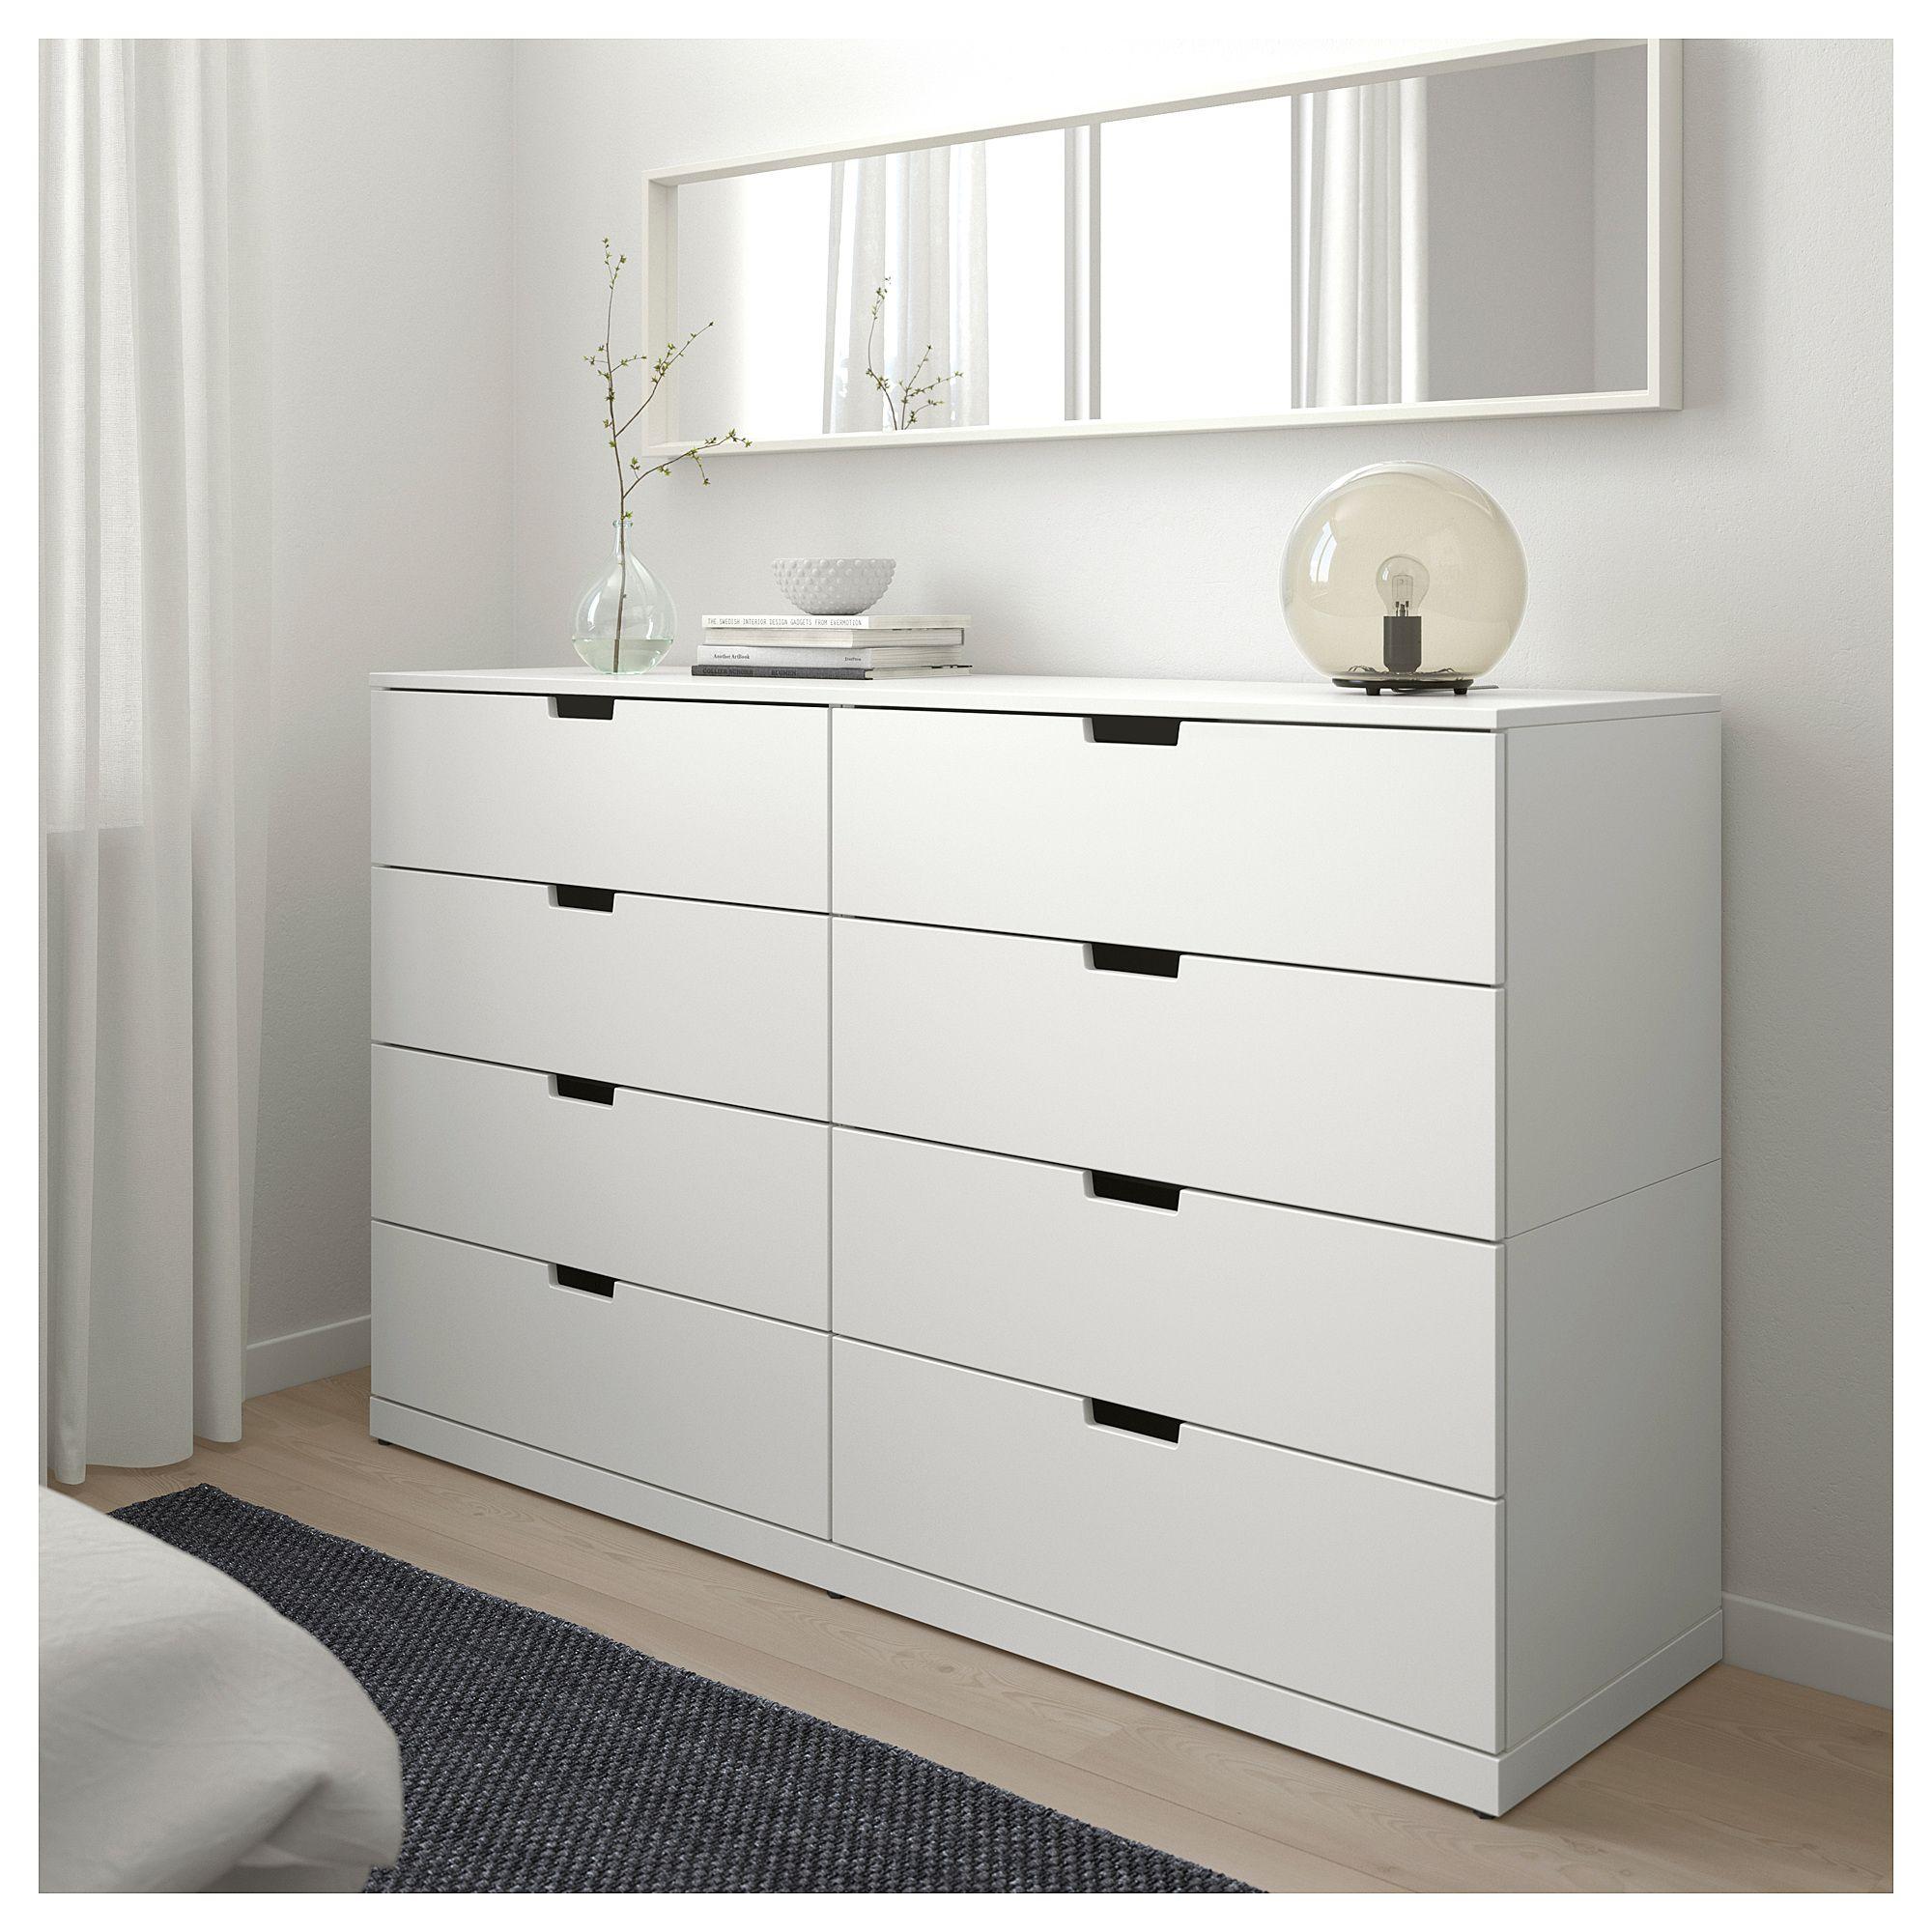 Nordli 8 Drawer Dresser White 160x99 Cm Find It Here Ikea 8 Drawer Dresser Ikea Nordli Dresser Drawers [ 2000 x 2000 Pixel ]